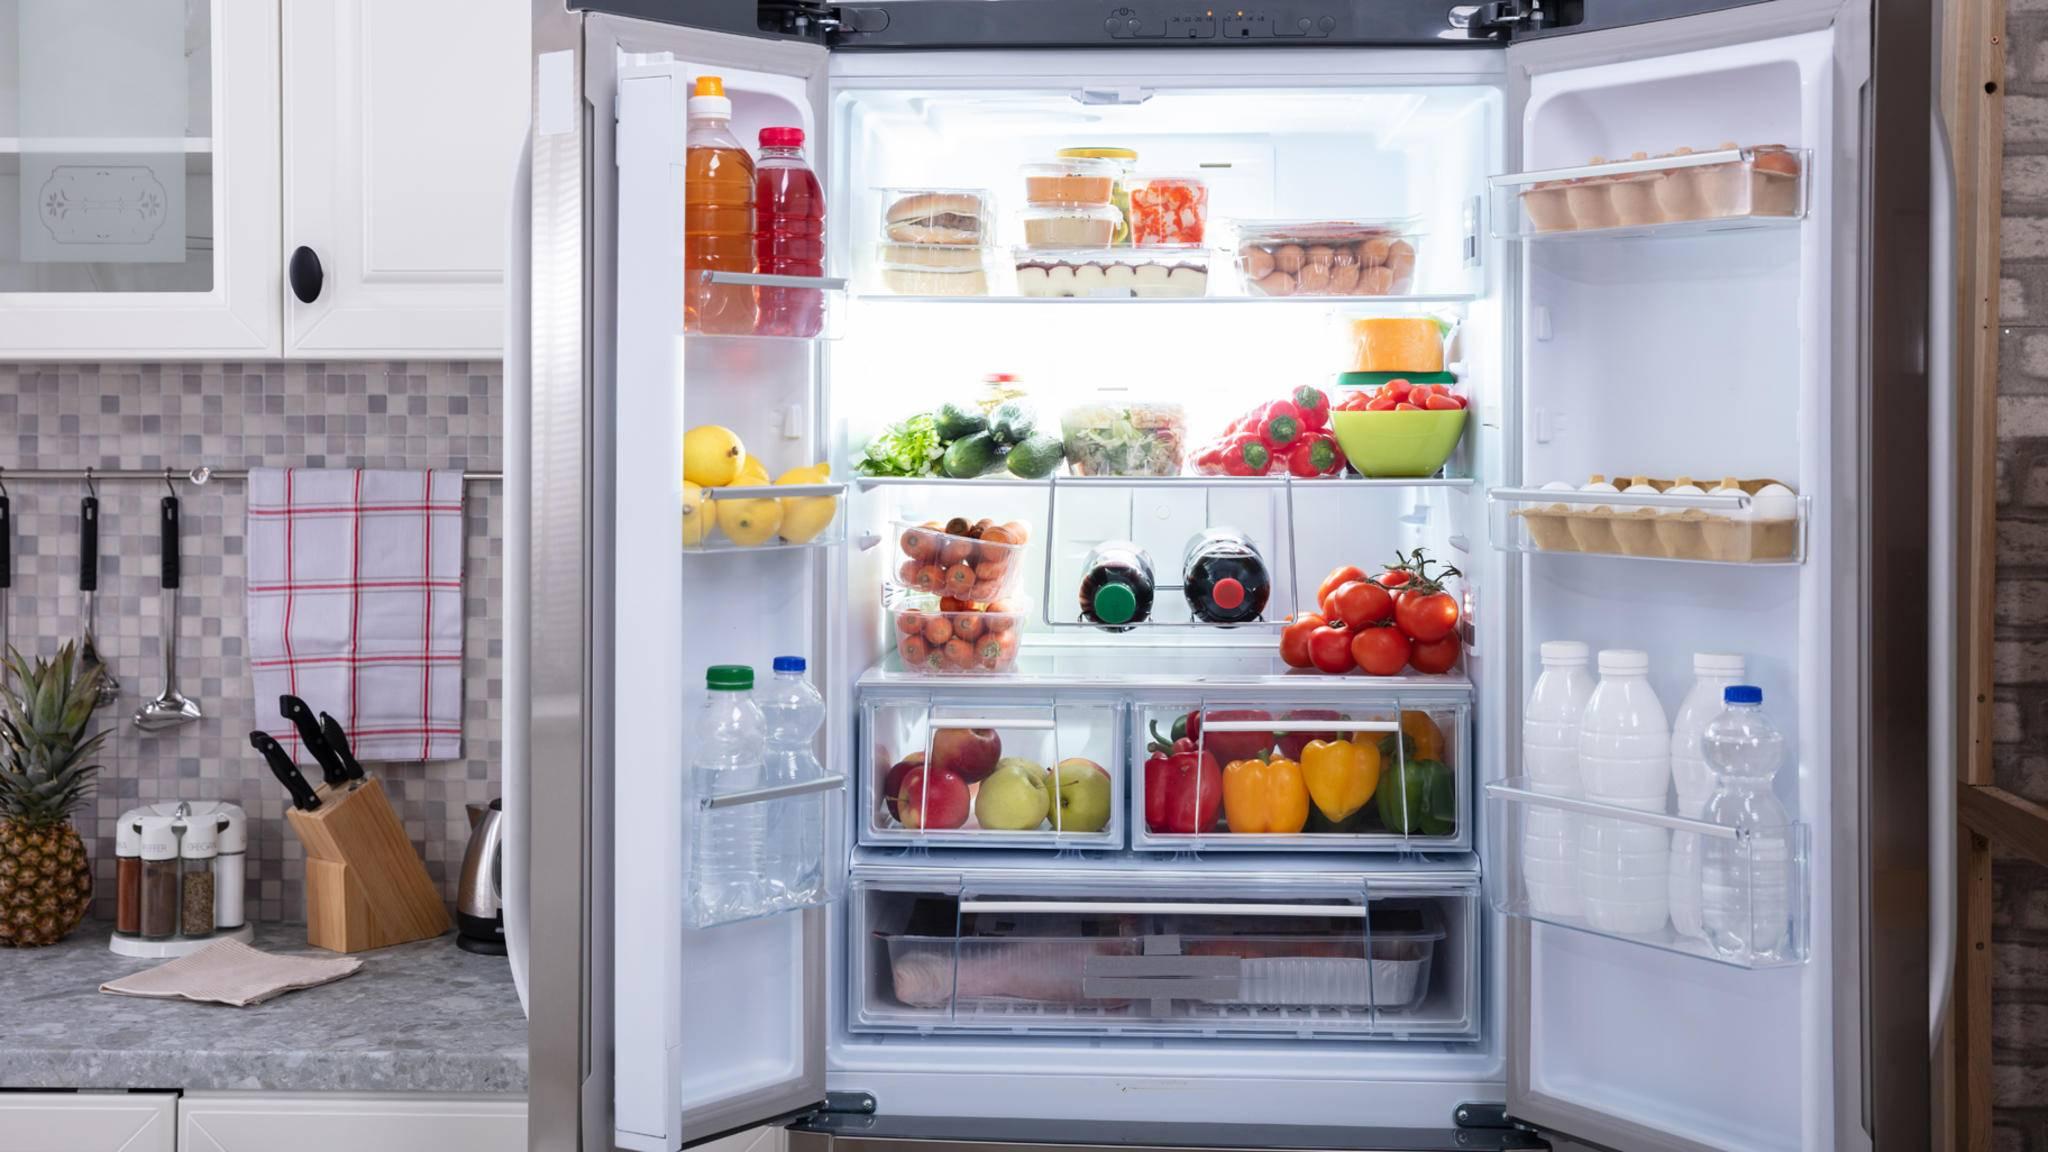 Kühlschrank küche offen lebensmittel